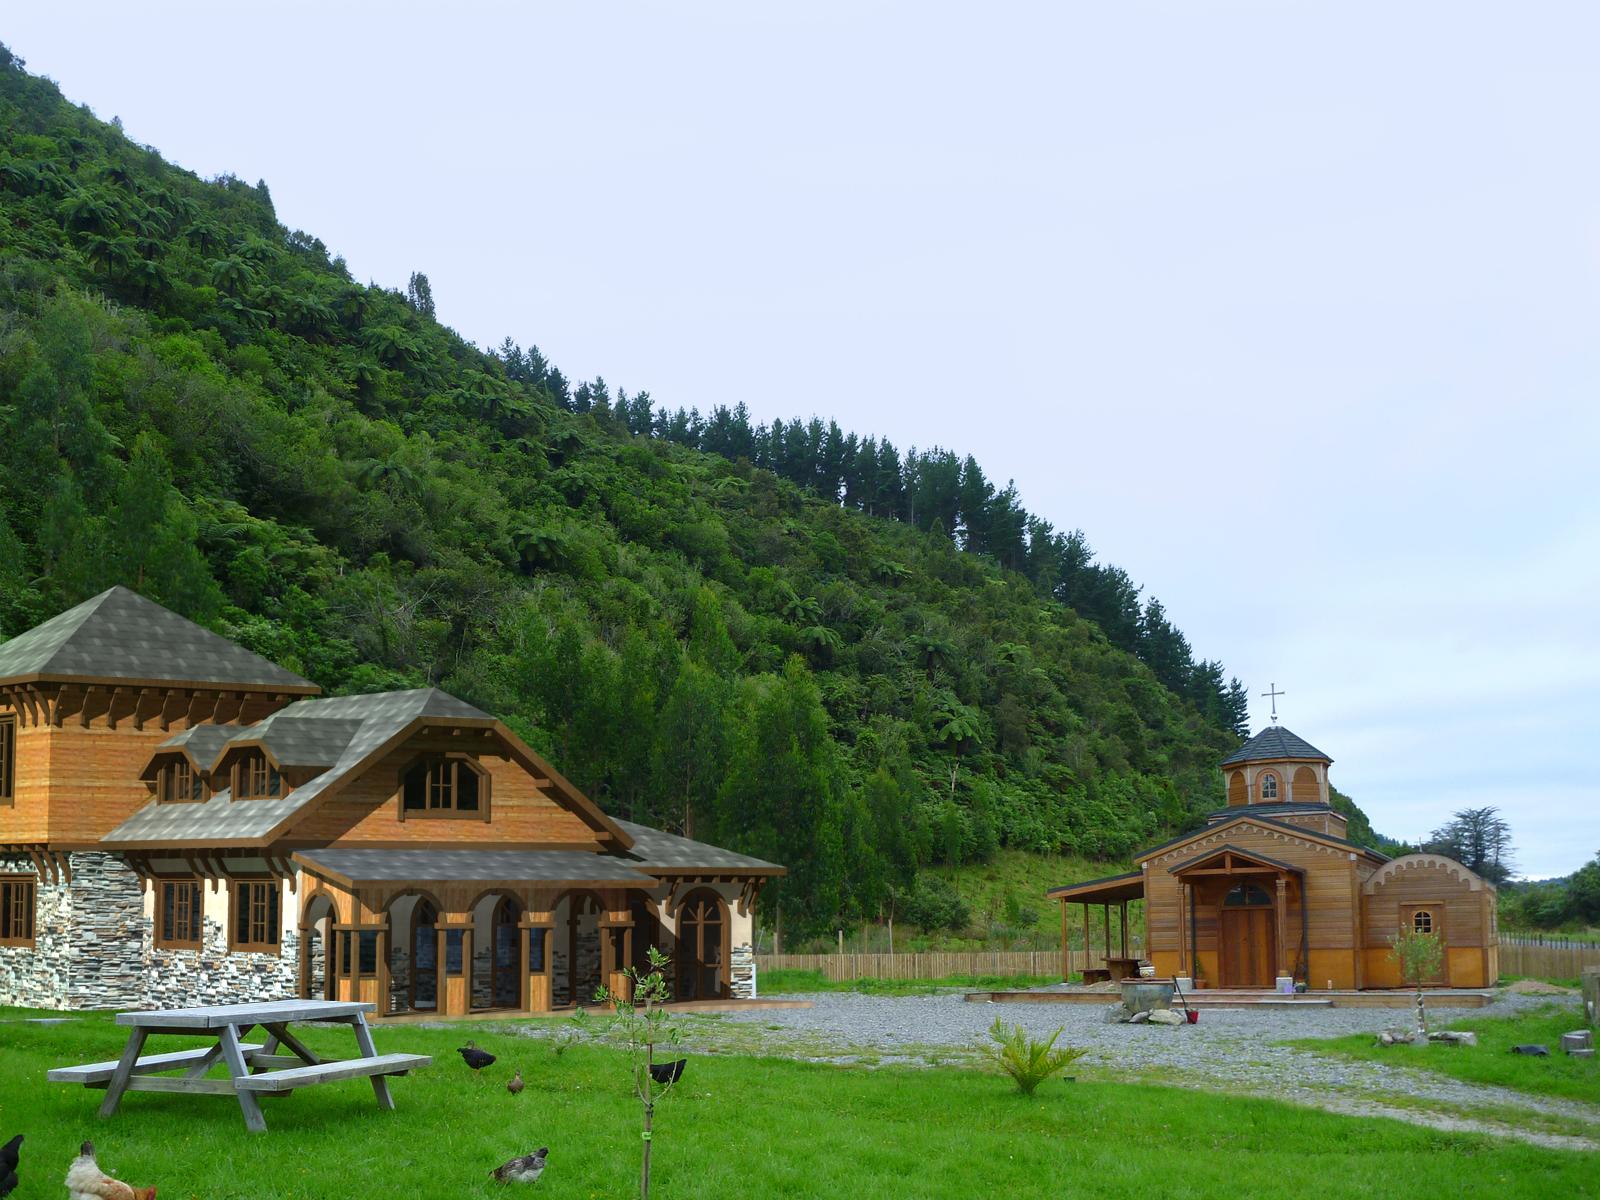 νεα ζηλανδια Video Pinterest: Orthodox Life: The Monastery Of Levin New Zealand B